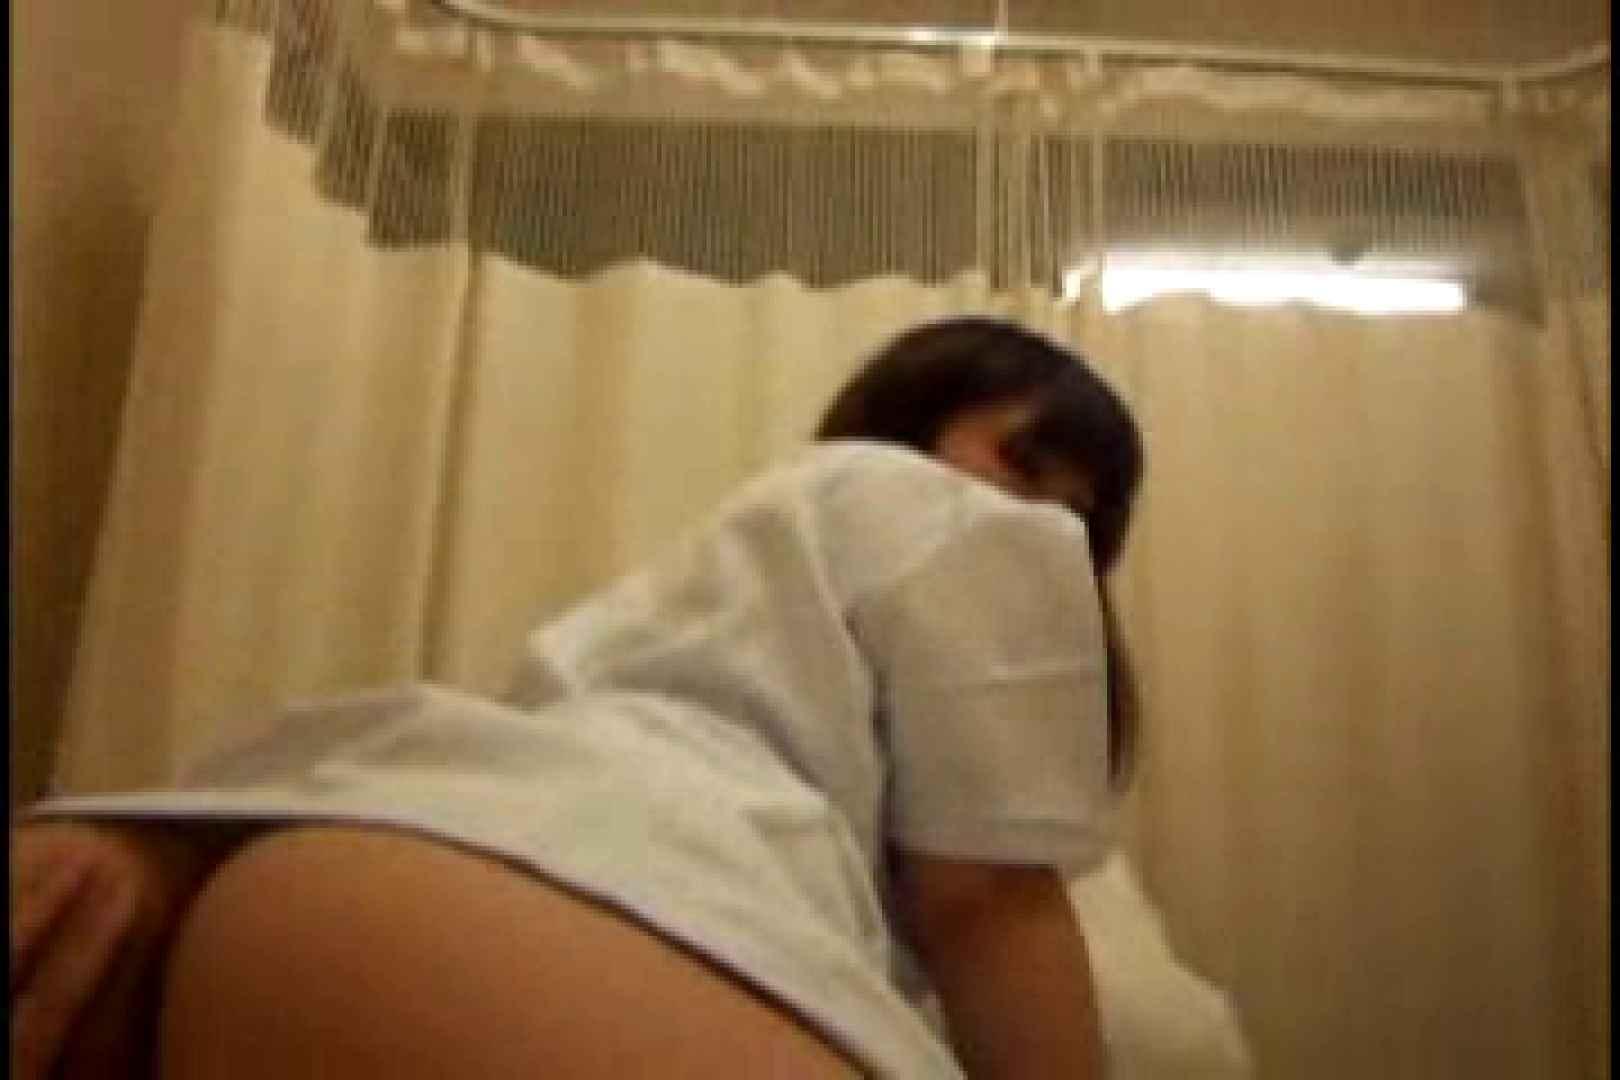 ヤリマンと呼ばれた看護士さんvol2 フェラ  106pic 96